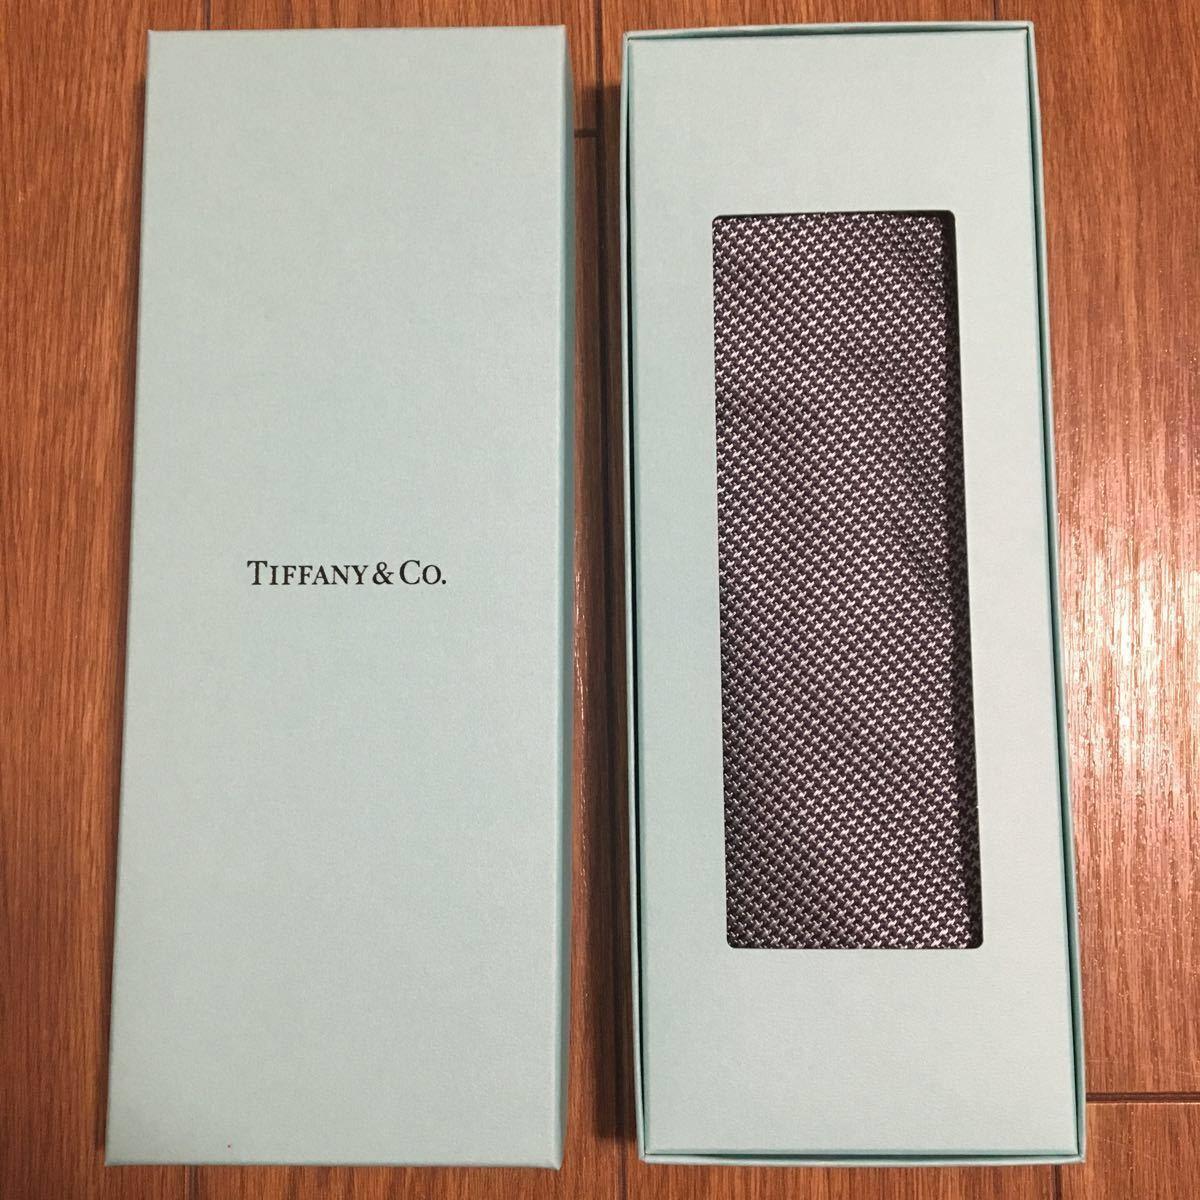 新品未使用・入手不可 Tiffany & Co. ティファニー イタリア製Made in Italy シルク100% ネクタイ ティファニーブルー